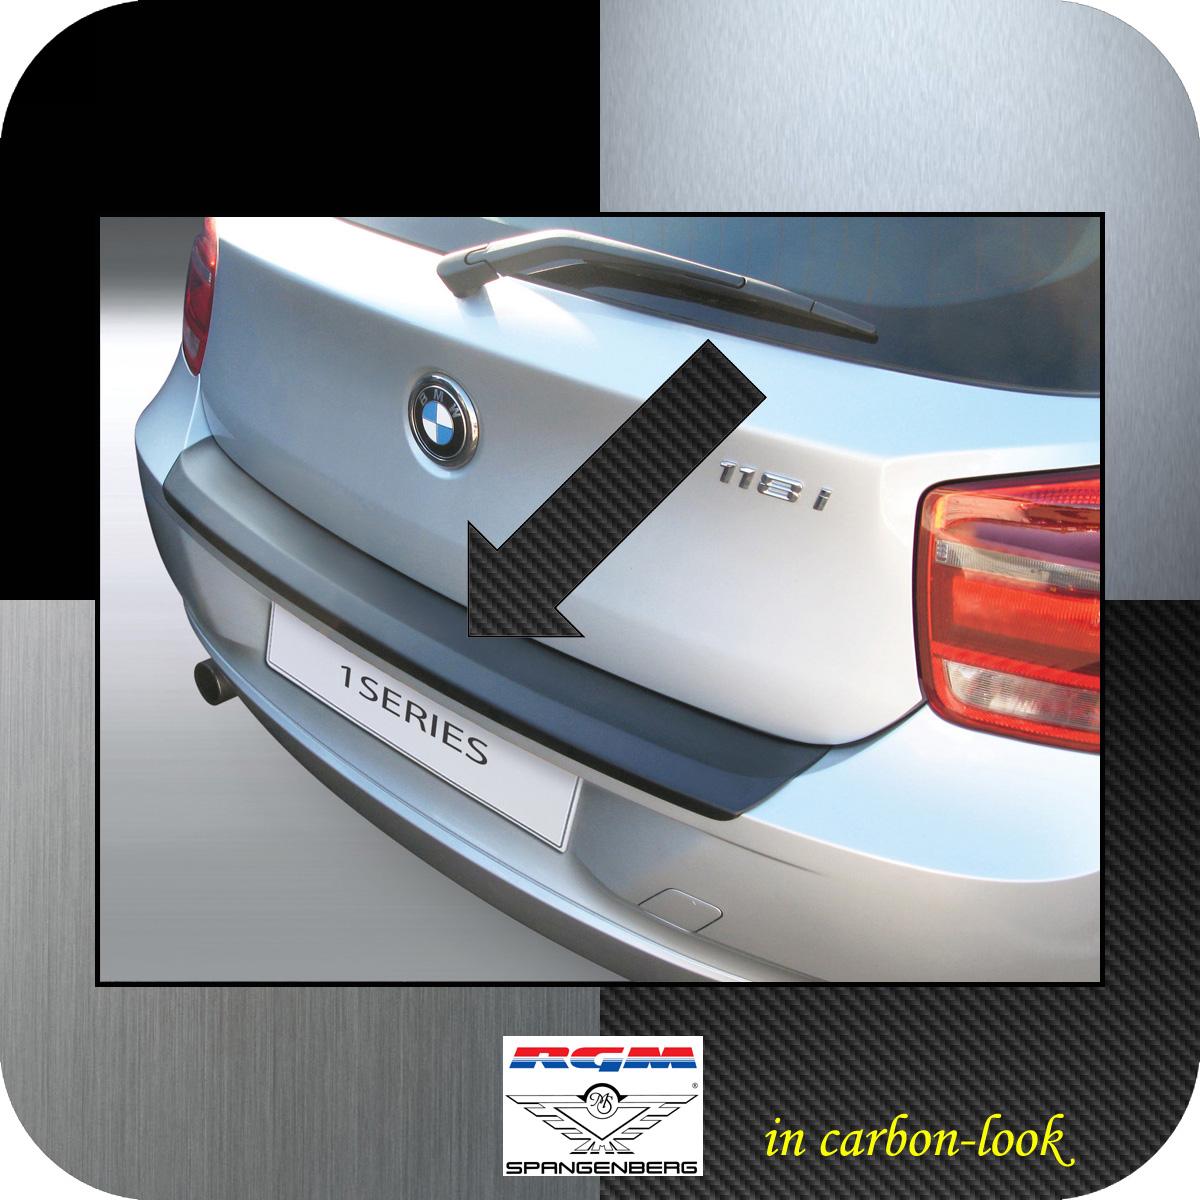 Ladekantenschutz Carbon-Look BMW 1er F21 und F20 vor facelift Bj 2011-15 3509554